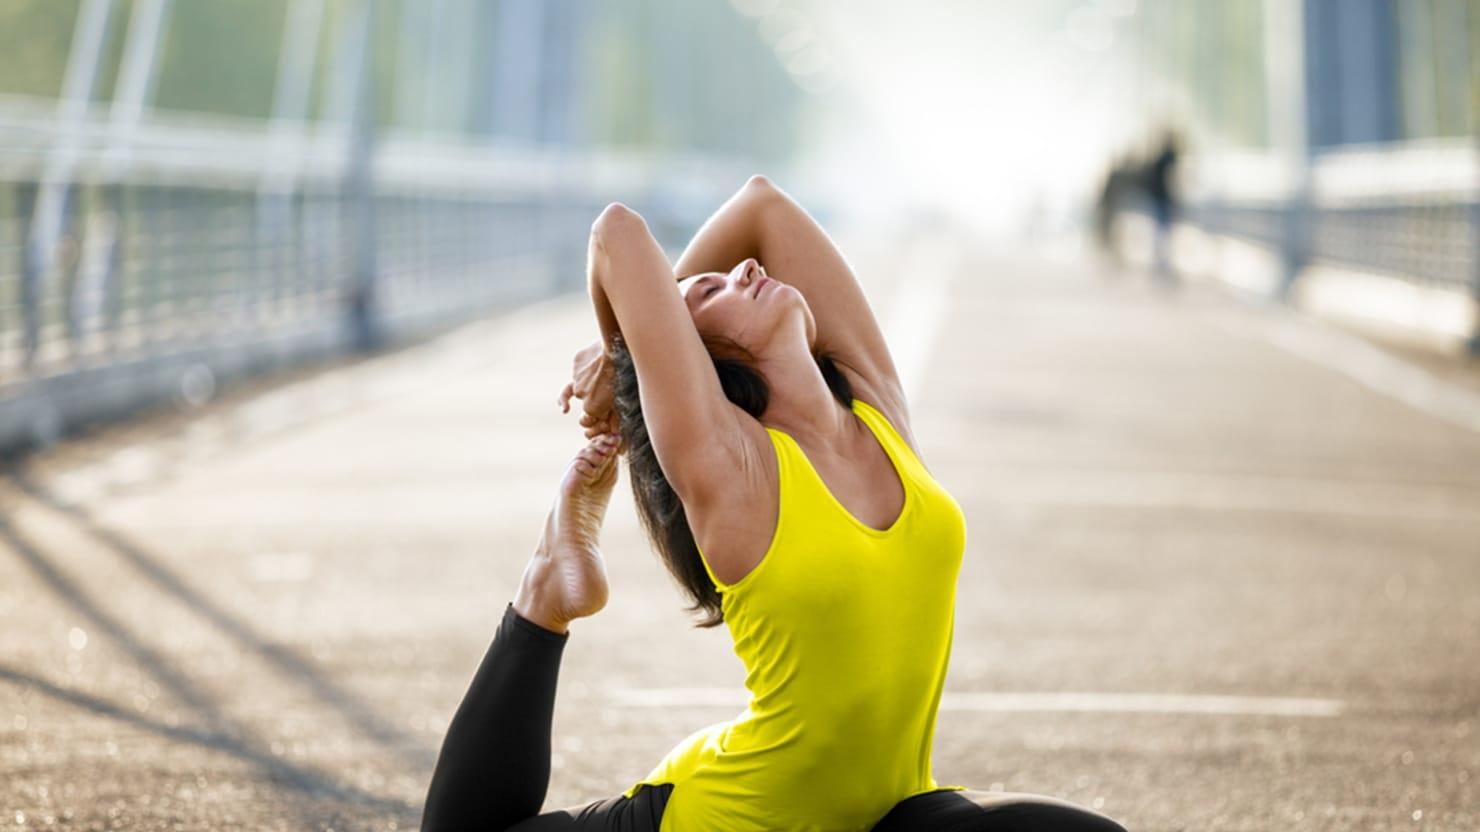 Should We Ban Yoga?